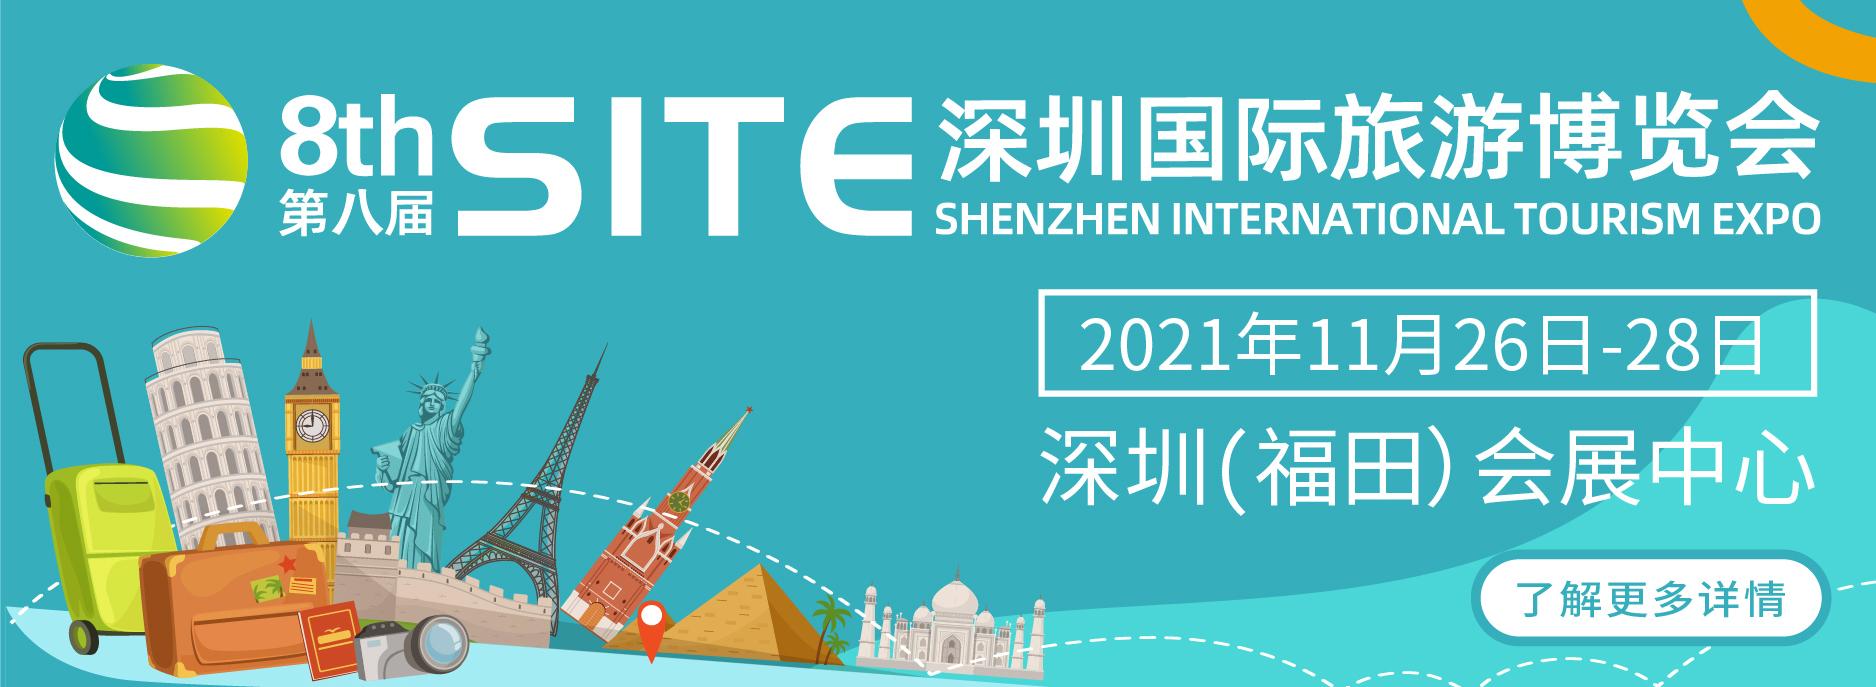 第八届深圳国际旅游博览会